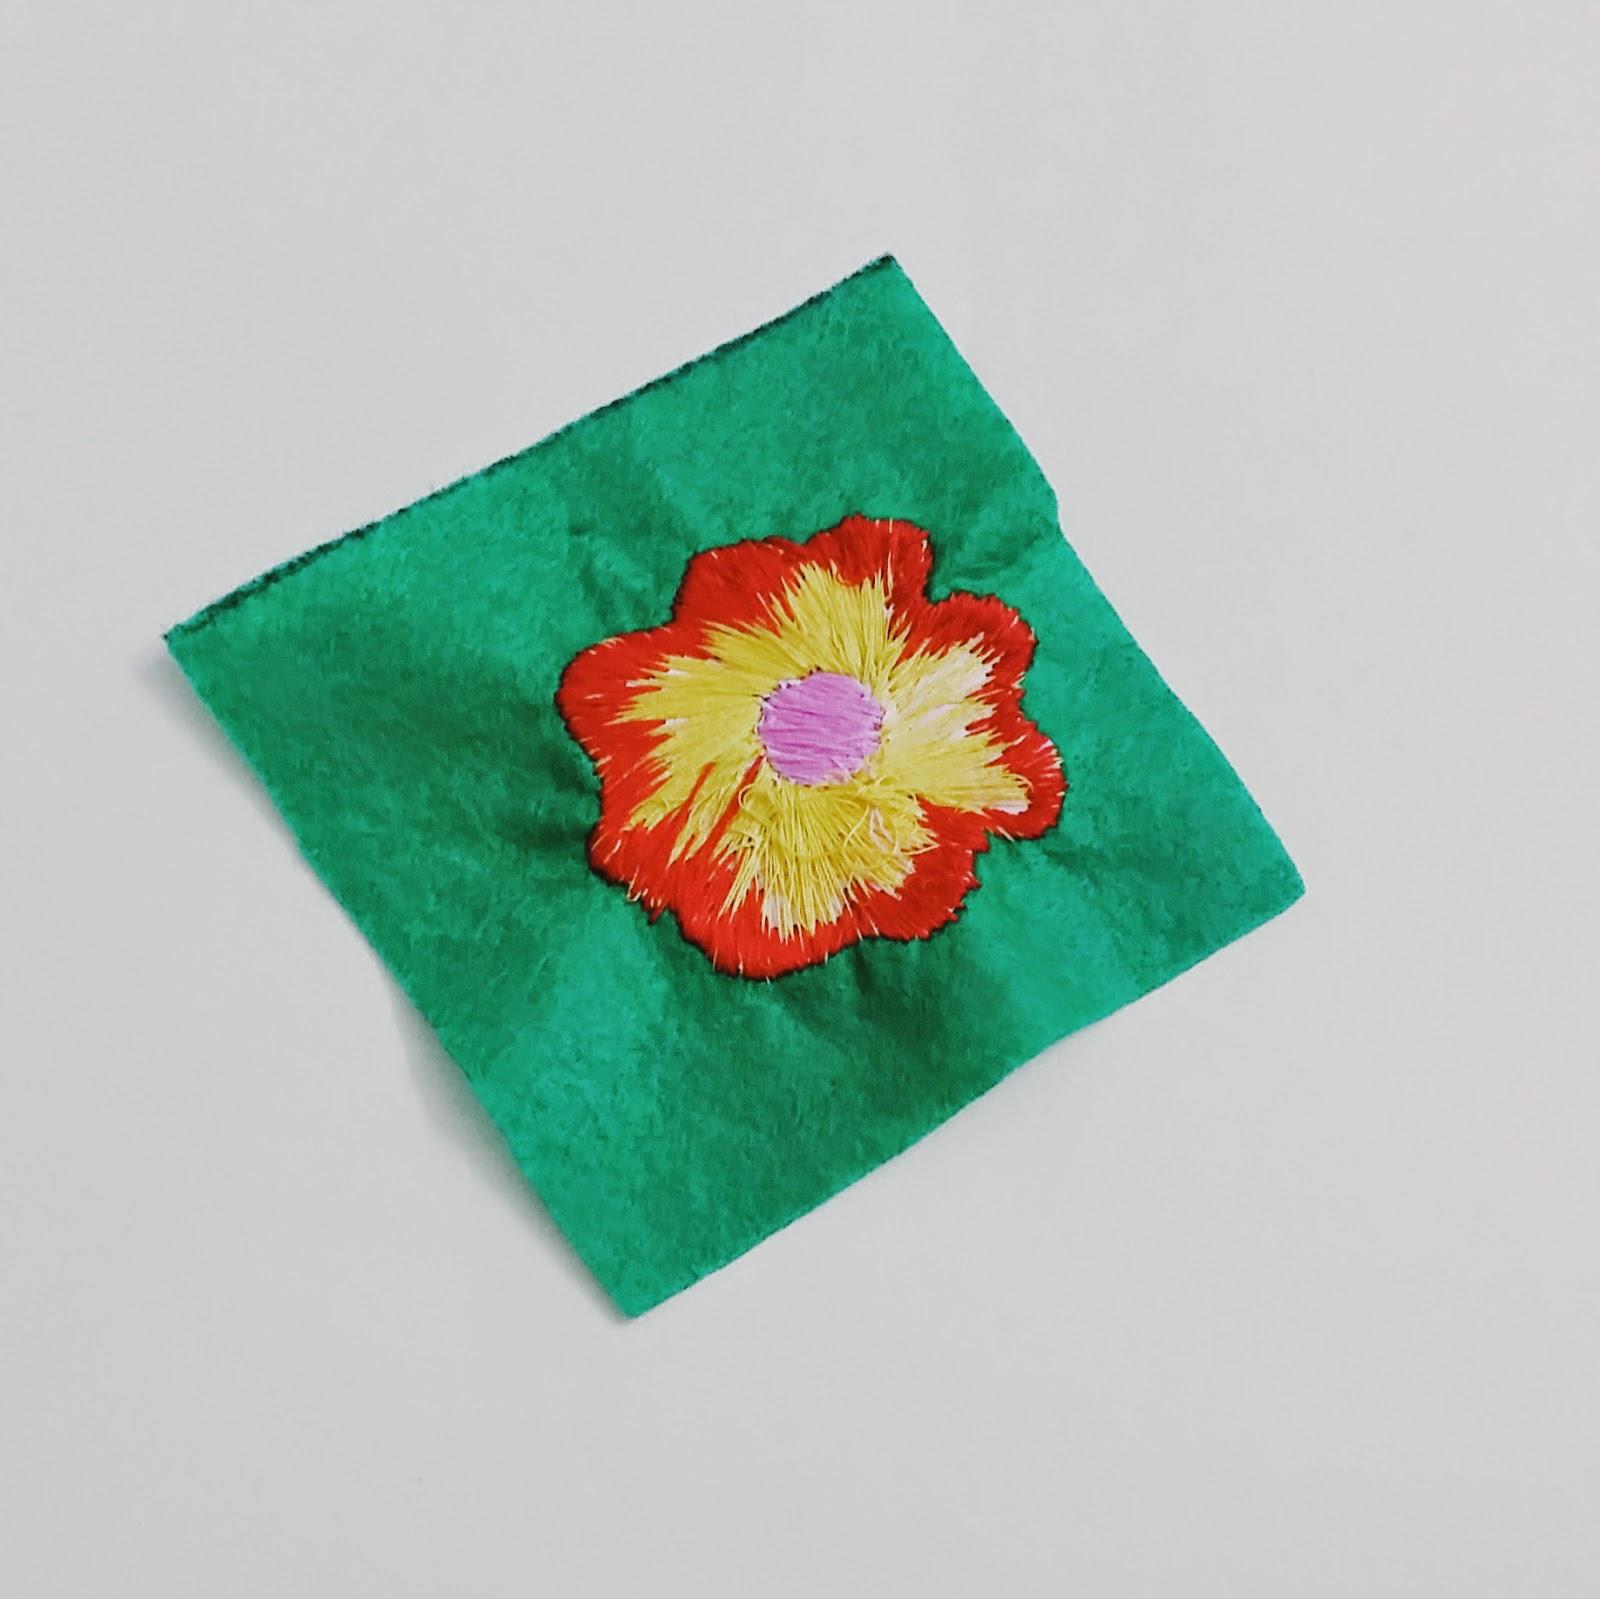 RPH Tahun 5 - Tekat (Embroidery)